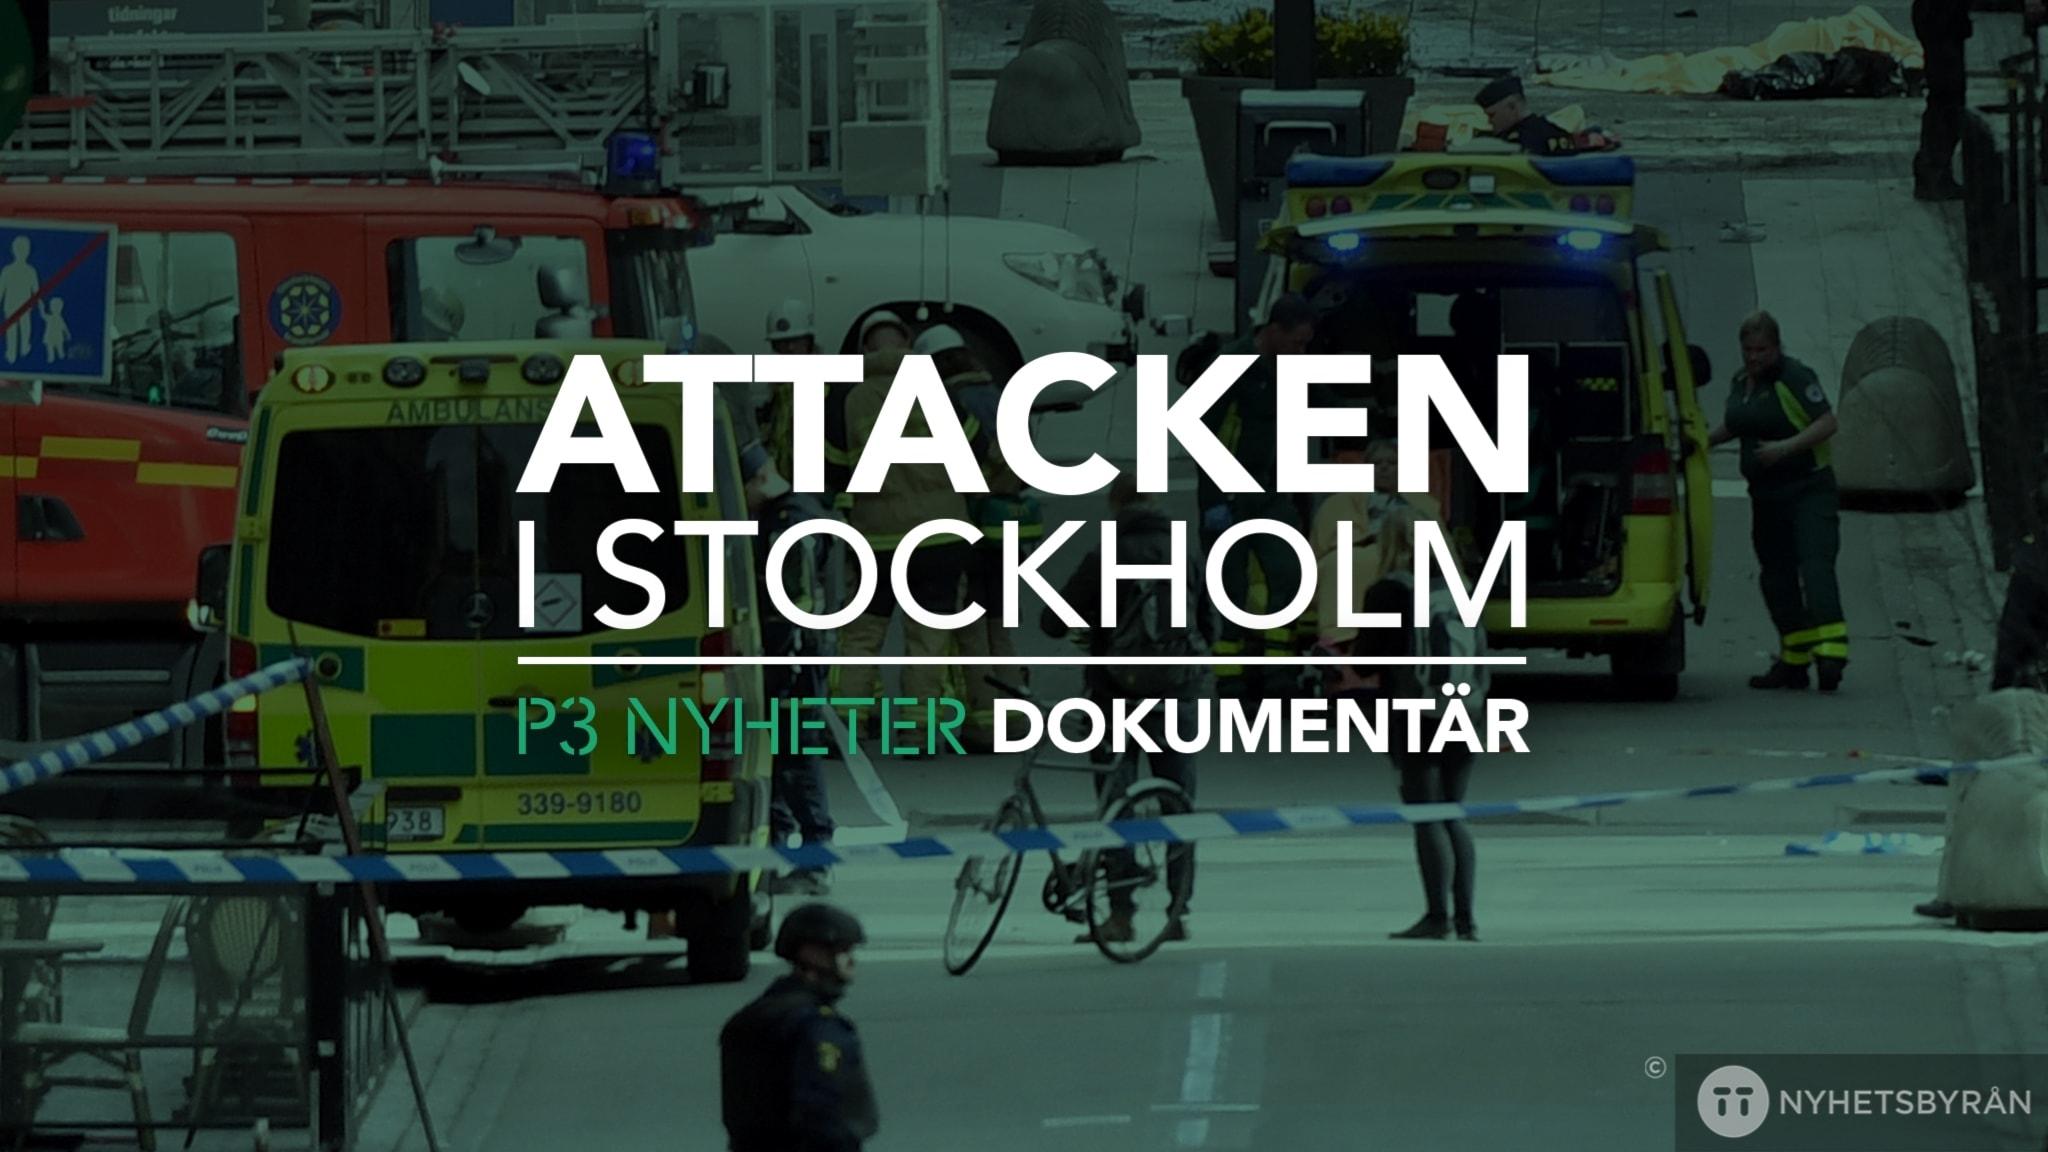 Attacken i Stockholm - P3 Nyheter Dokumentär